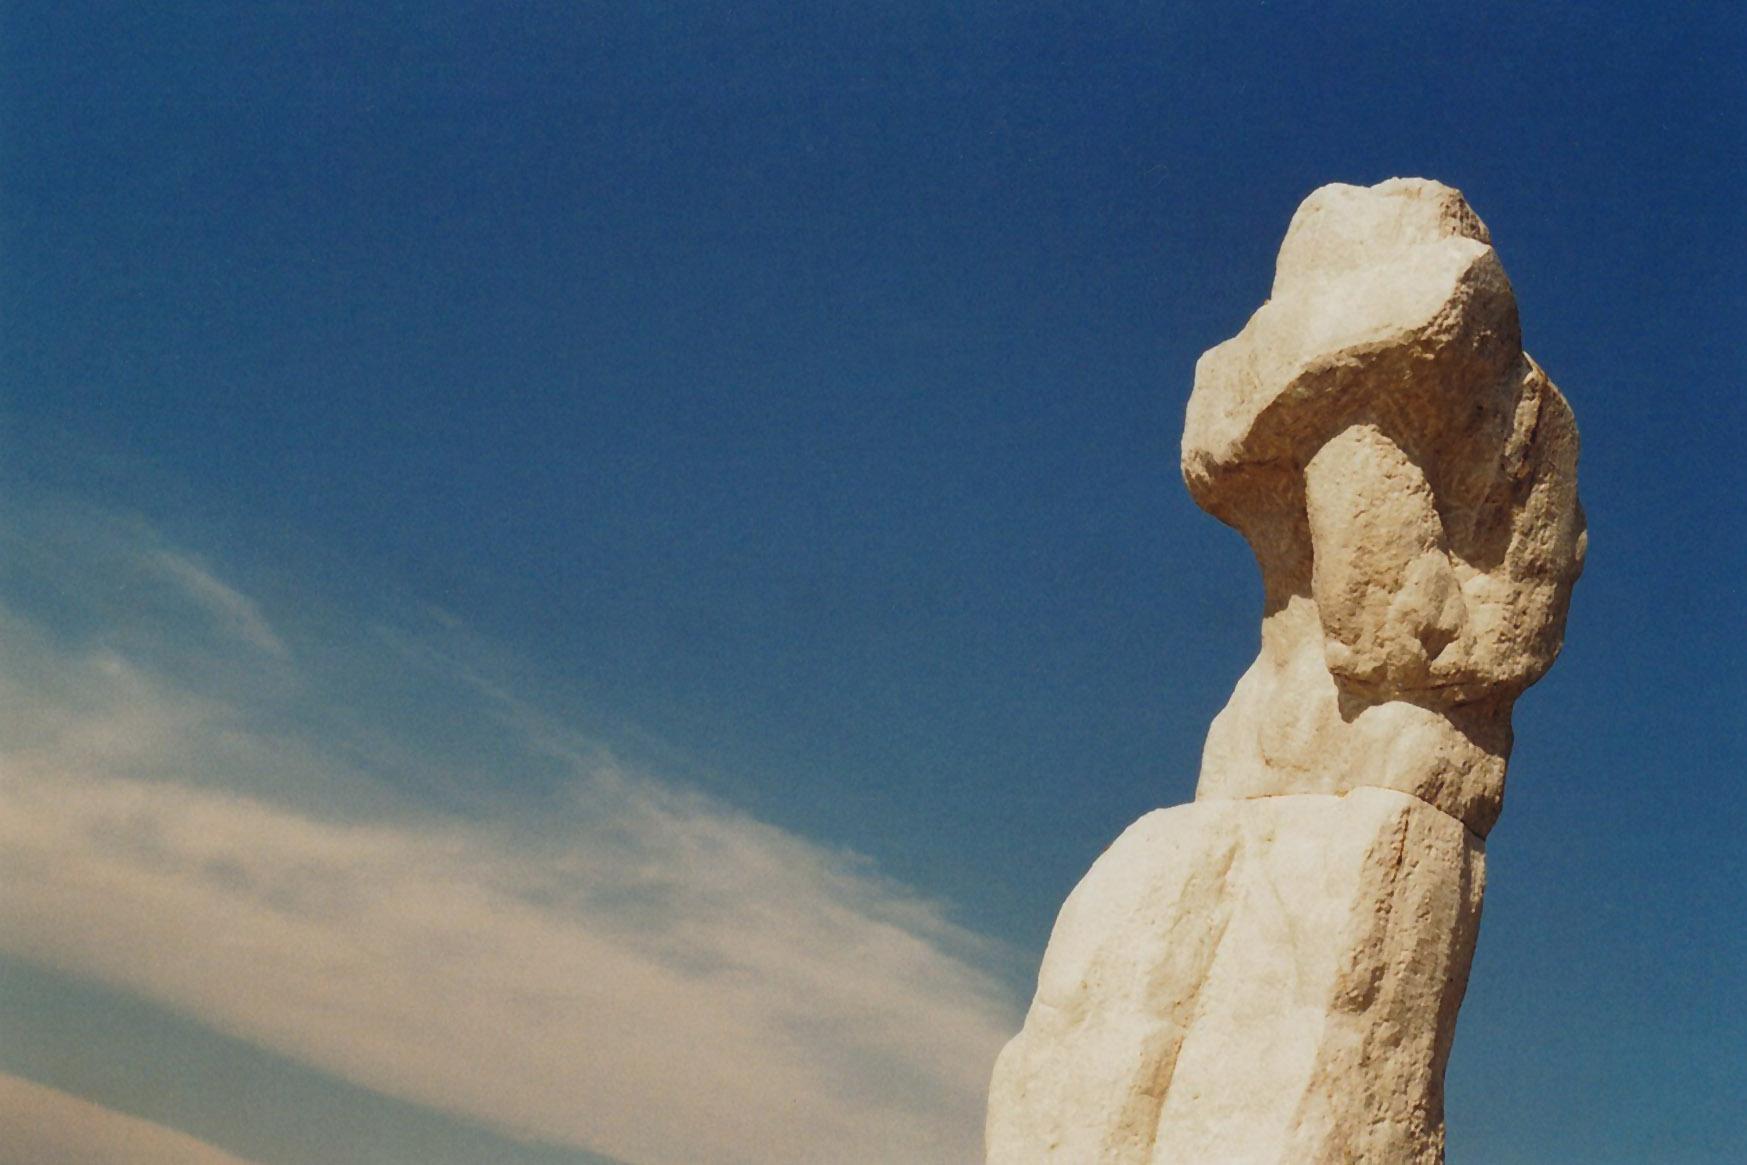 Steinskulptur und blauer Himmel